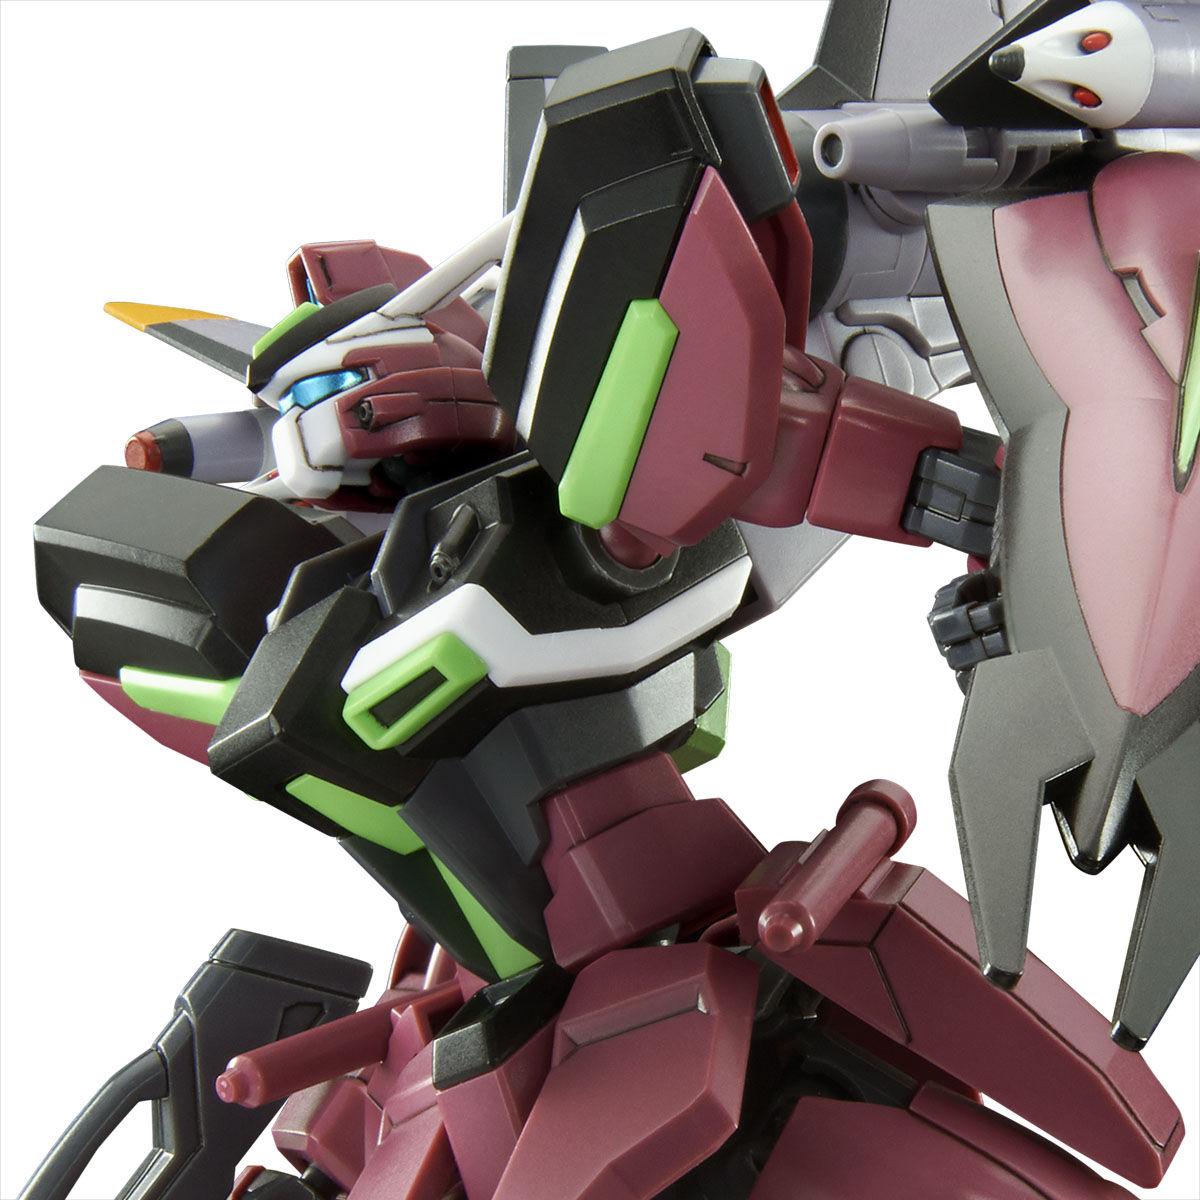 HGCE 1/144『ウィンダム(ネオ・ロアノーク専用機)』ガンダムSEED DESTINY プラモデル-009